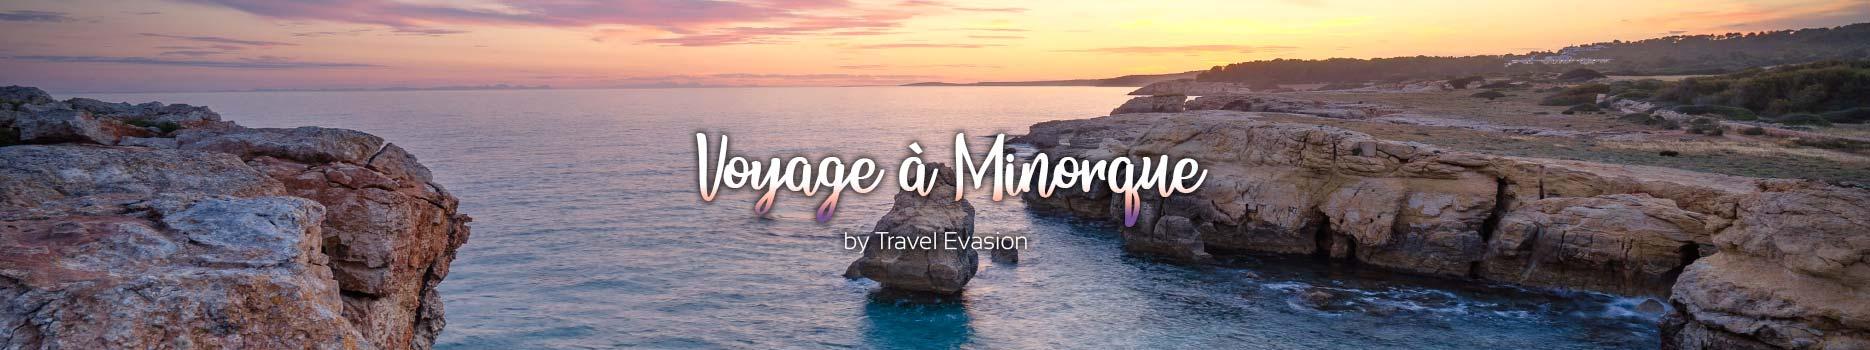 Voyage aux Baléraes, Séjour hotel Minorque pas cher de Travel Evasion